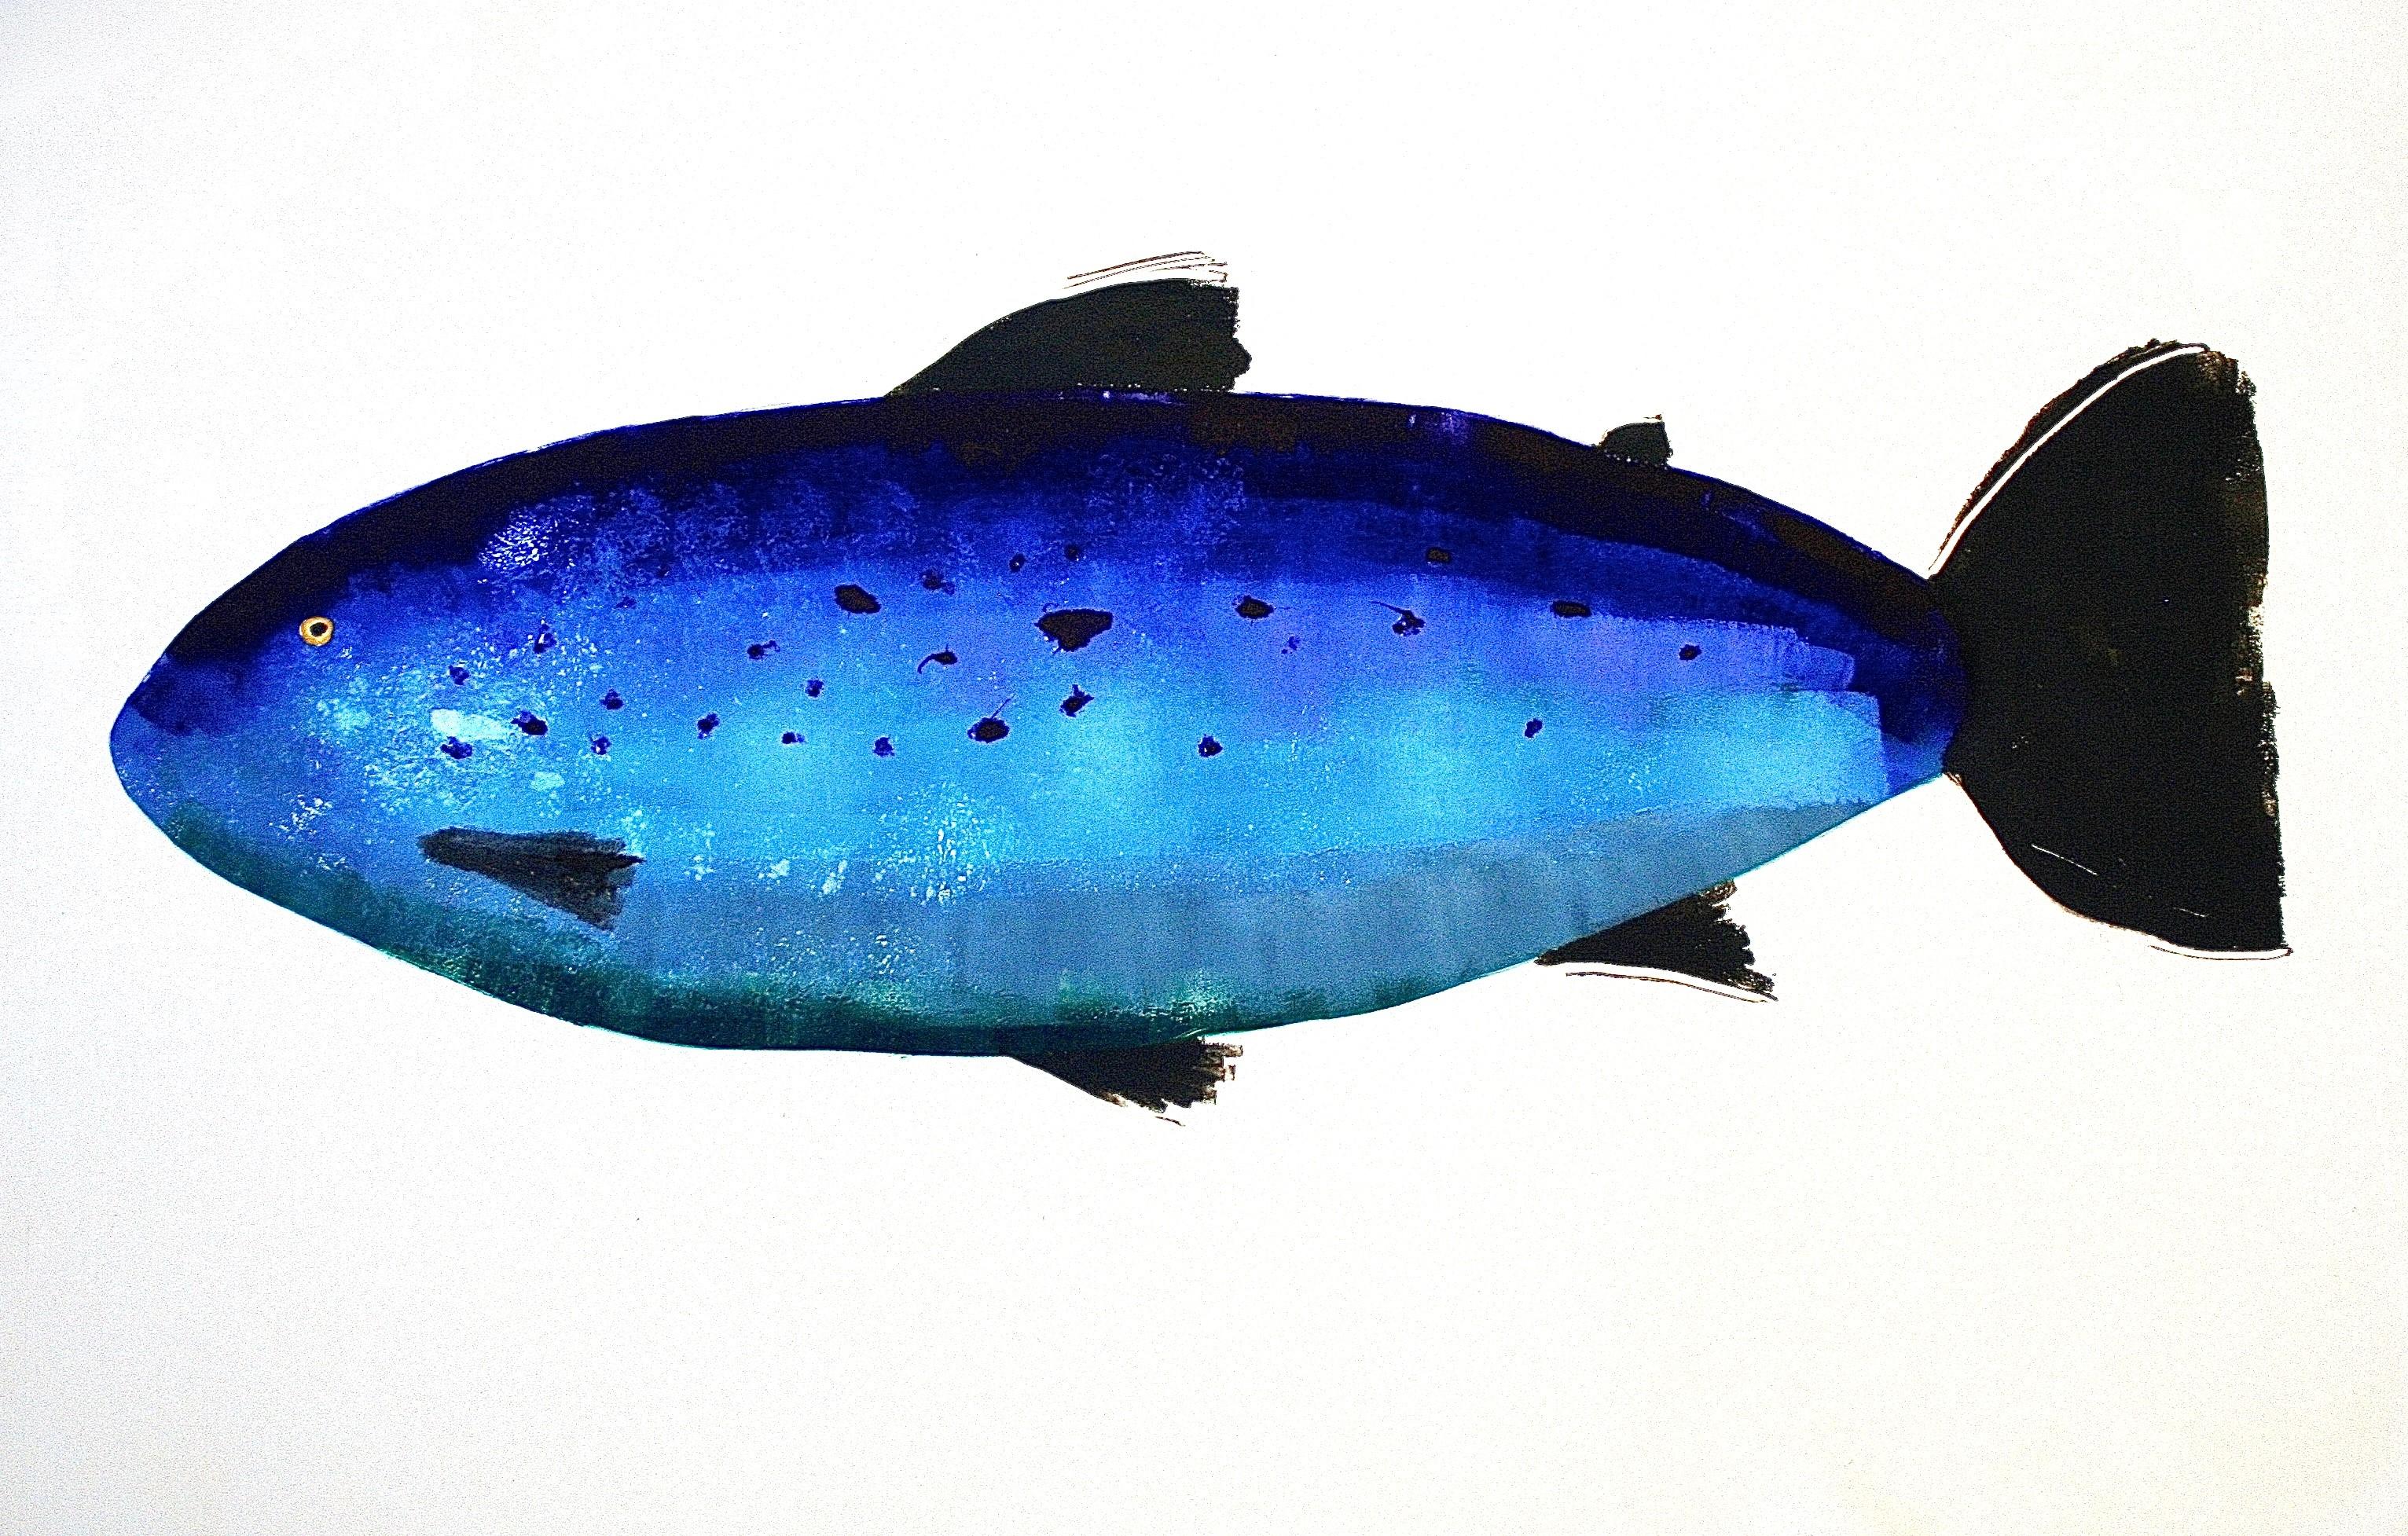 MBW Fish 18